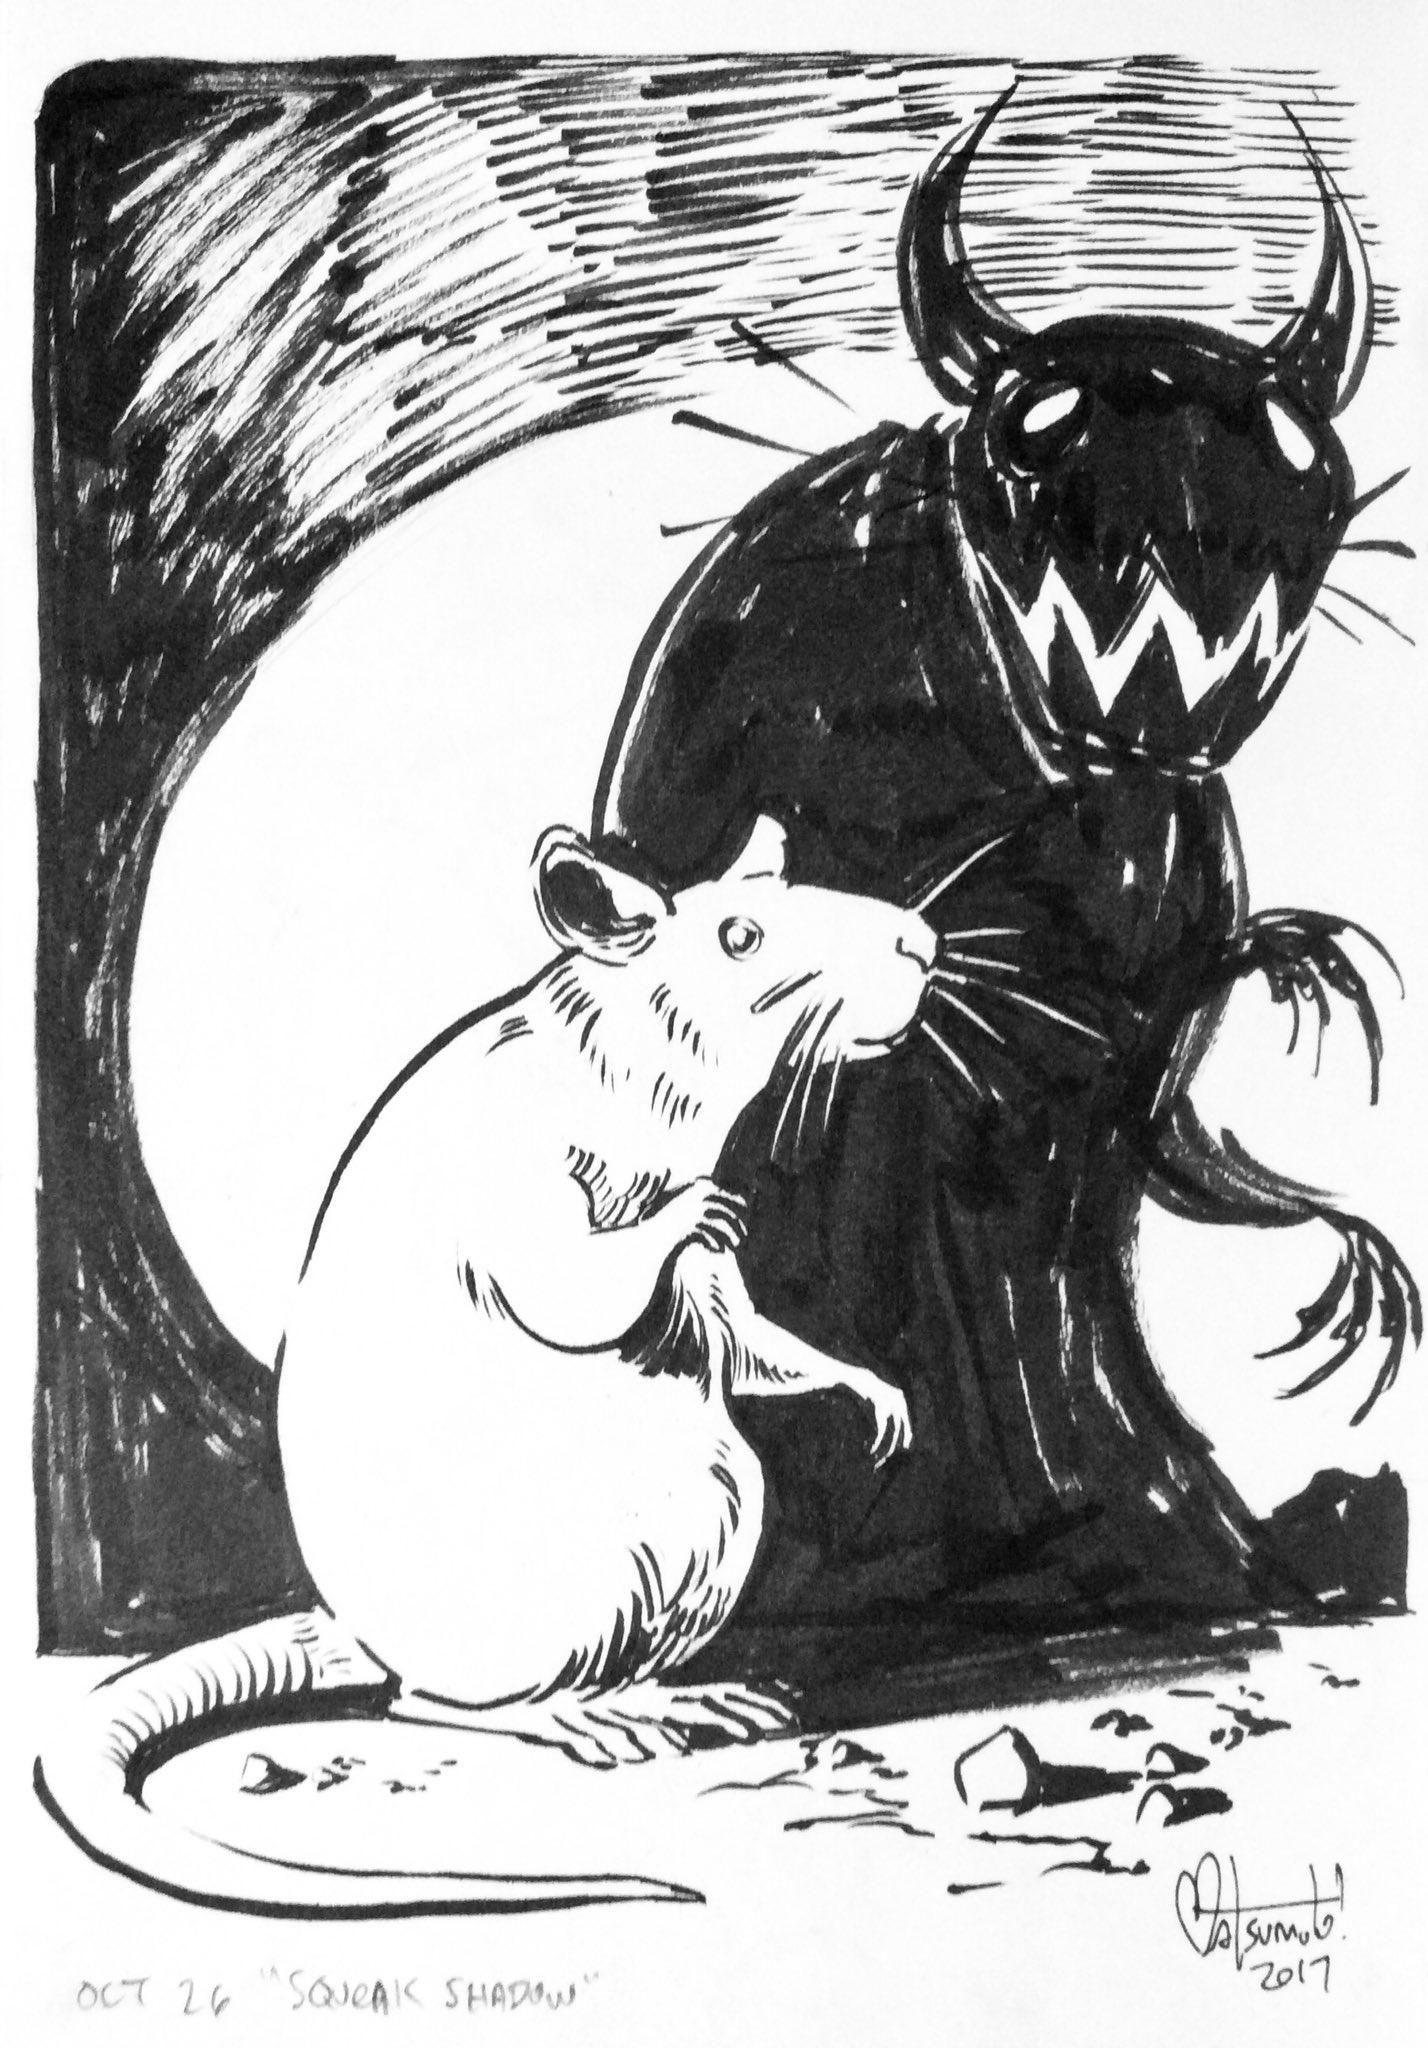 """#Inktober day 26: """"squeak shadow"""" https://t.co/NpohCmn2Q6"""